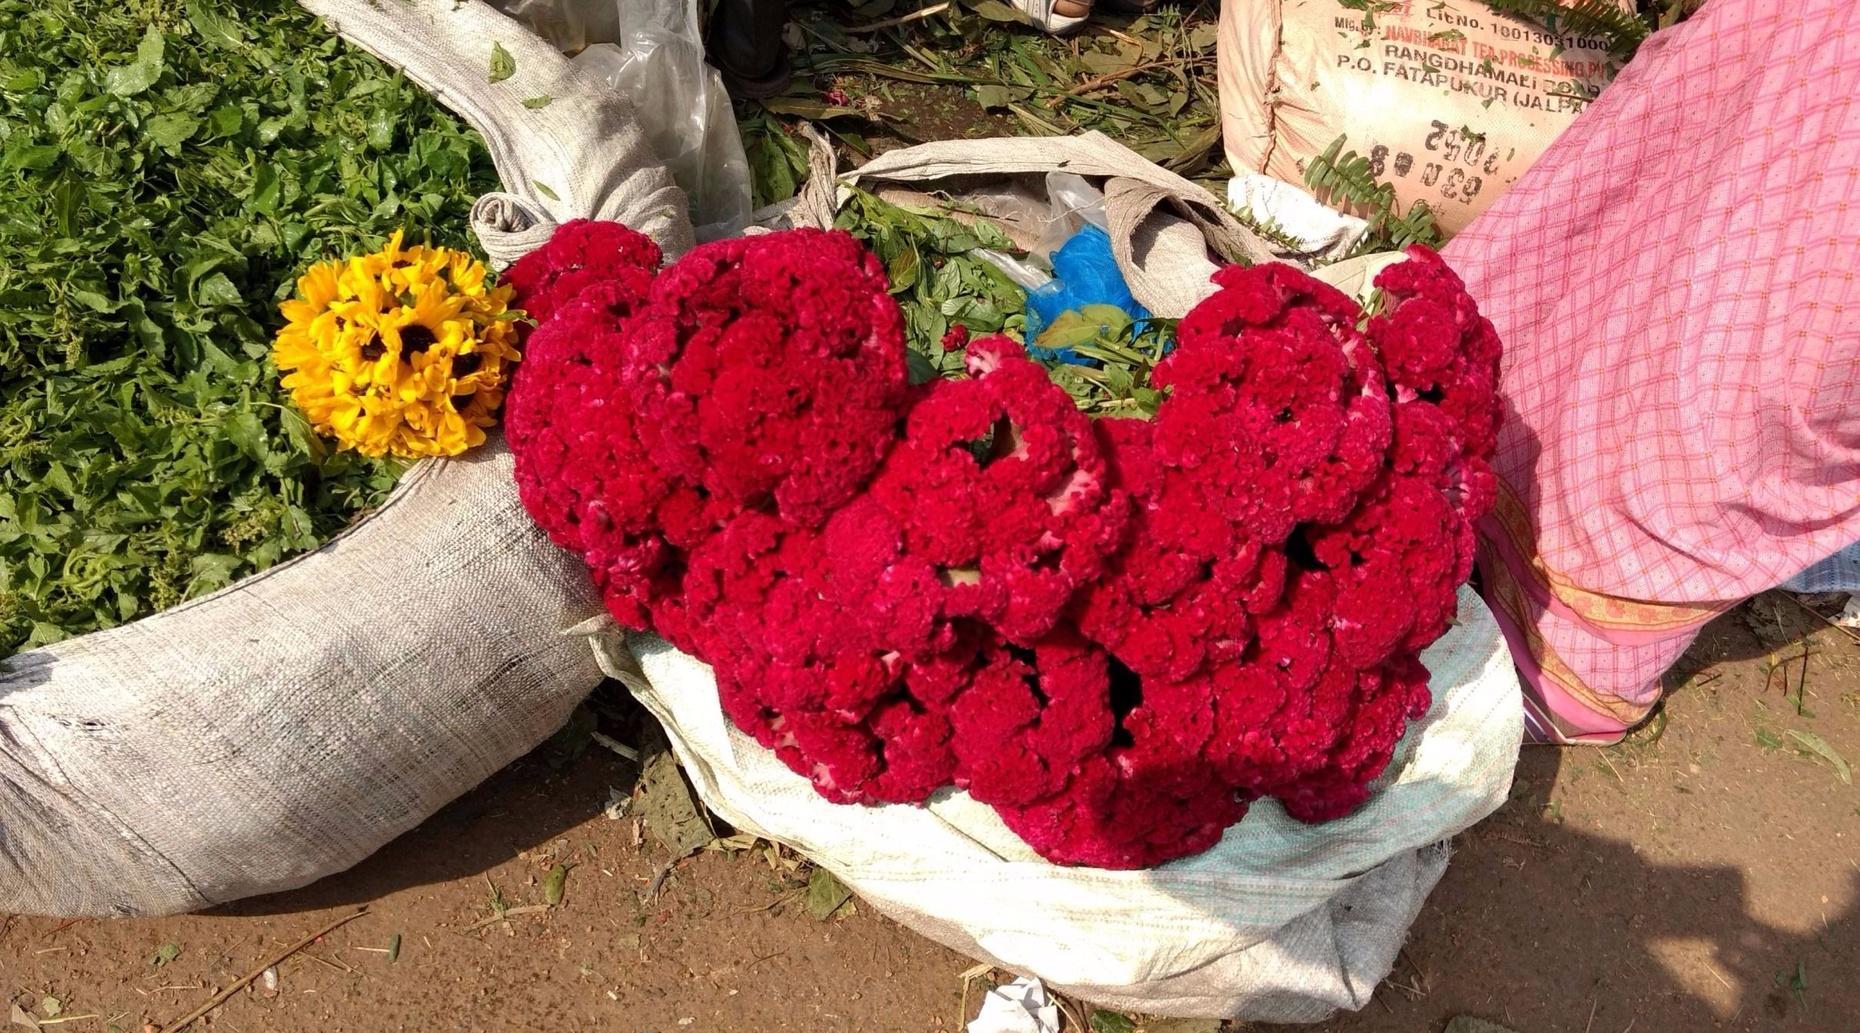 Morning Tour of a Flower Market in Kolkata